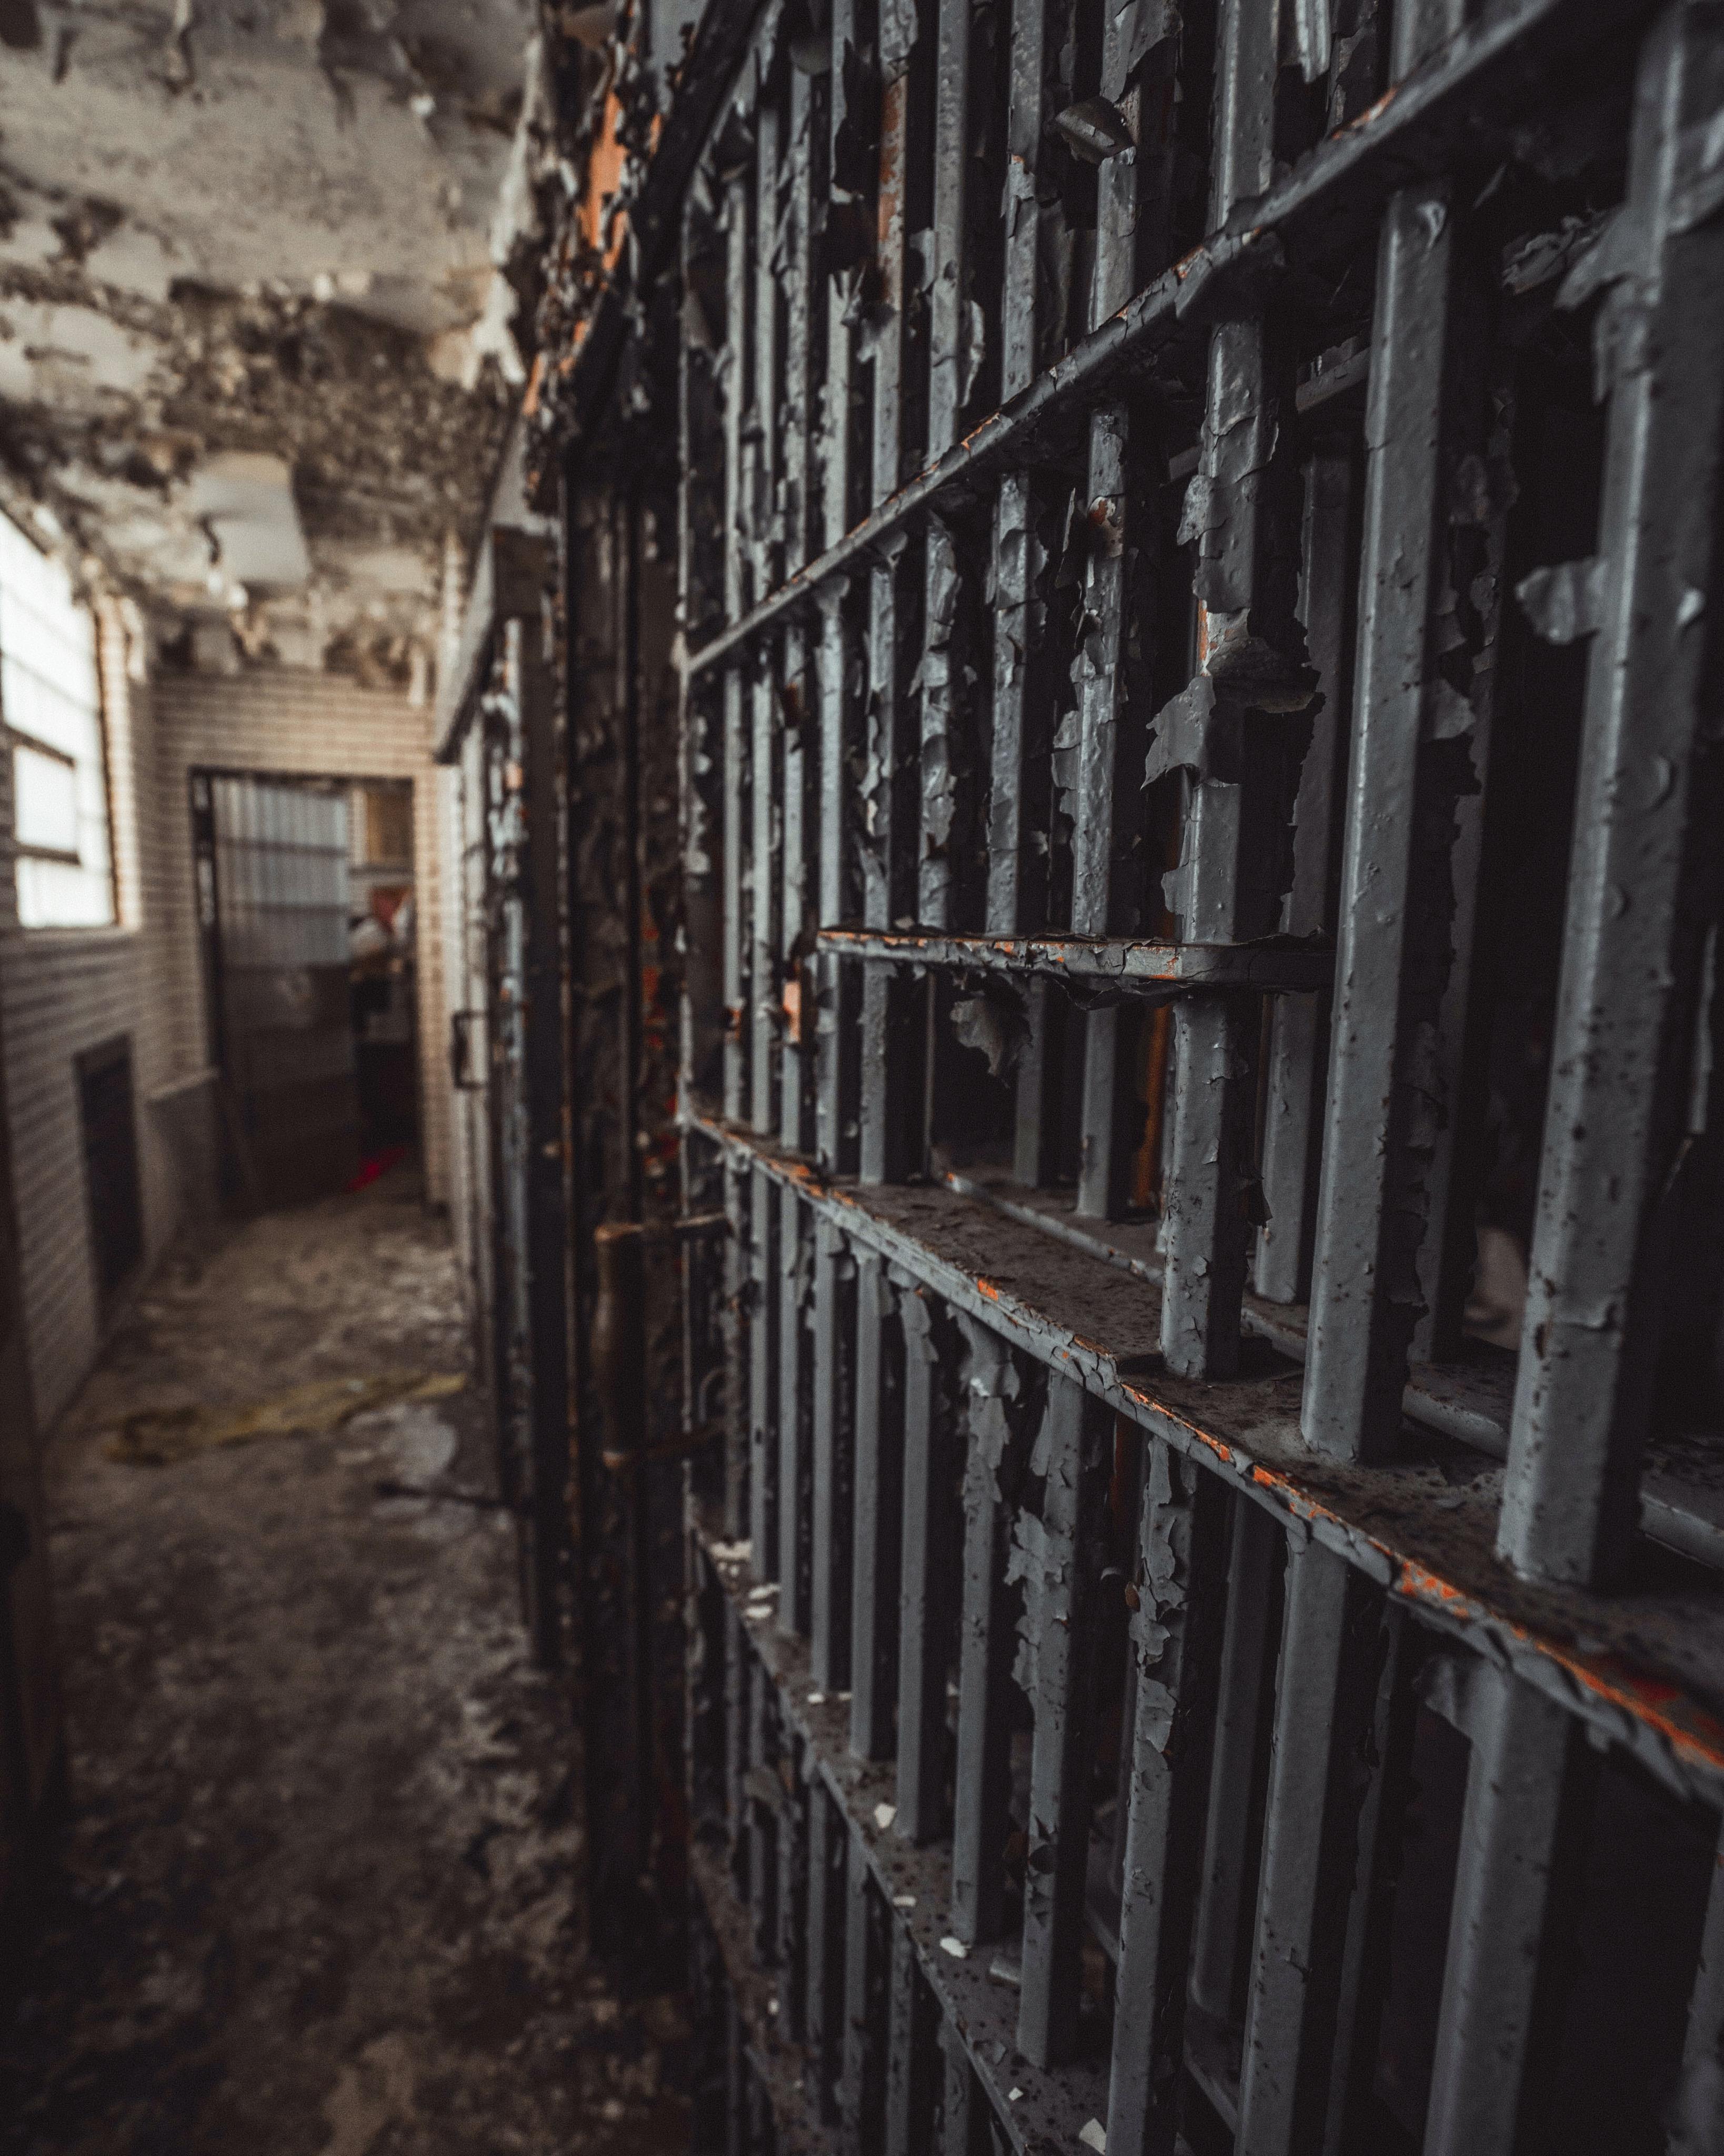 risarcimento per ingiusta detenzione approfondimento avvocatoflash